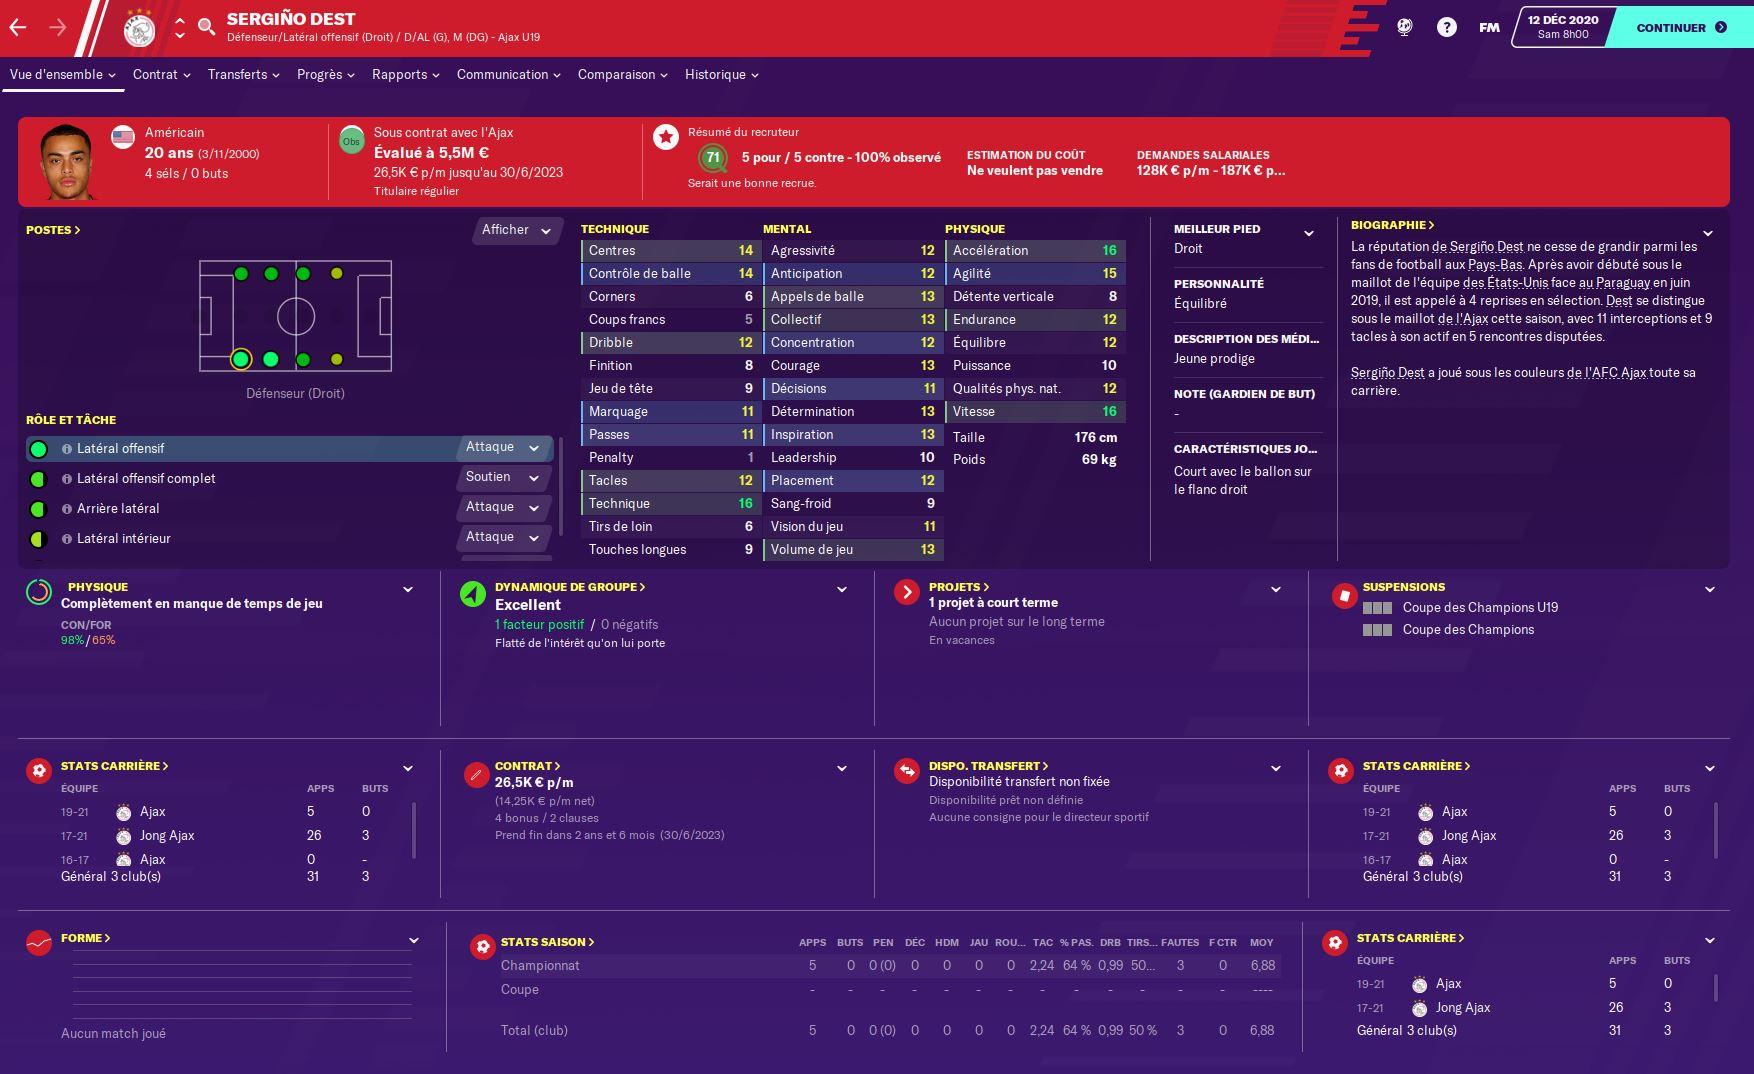 Nos meilleures pépites sur Football Manager 2020 - Partie 1: les gardiens et les défenseurs